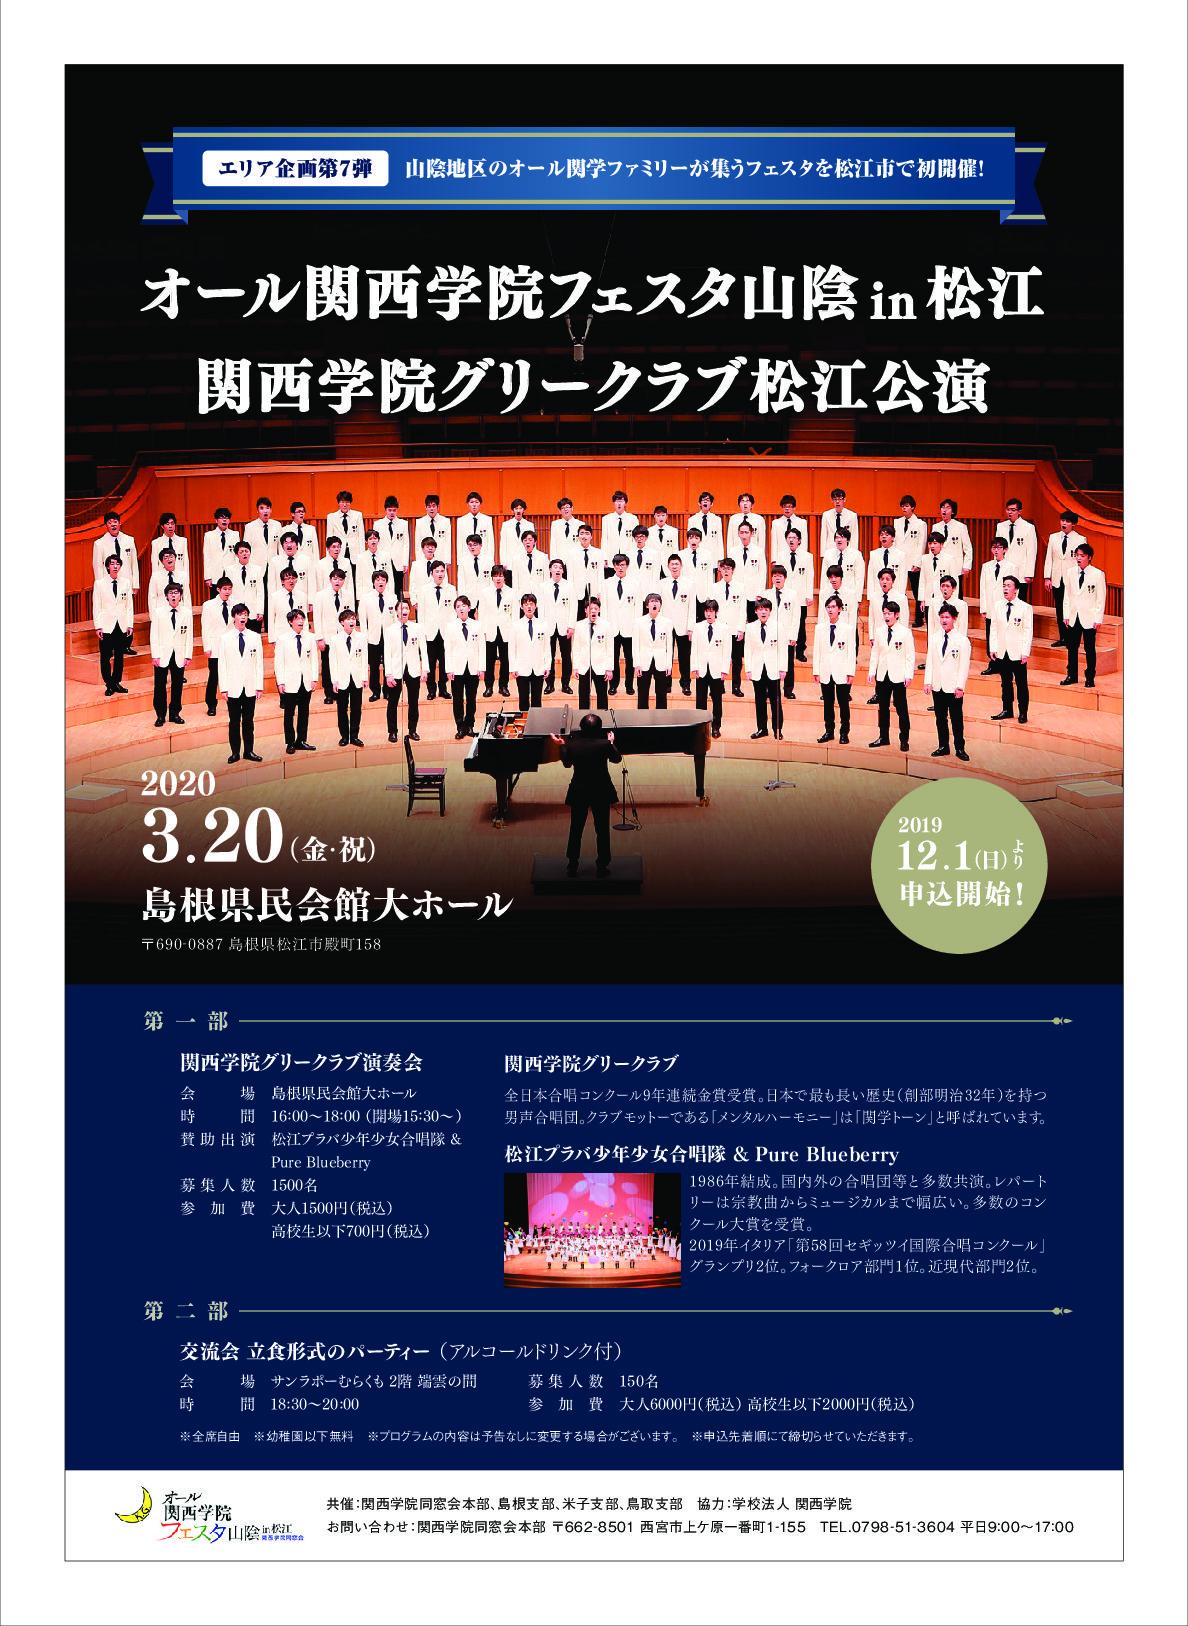 【開催中止】「オール関西学院フェスタ山陰in松江」について